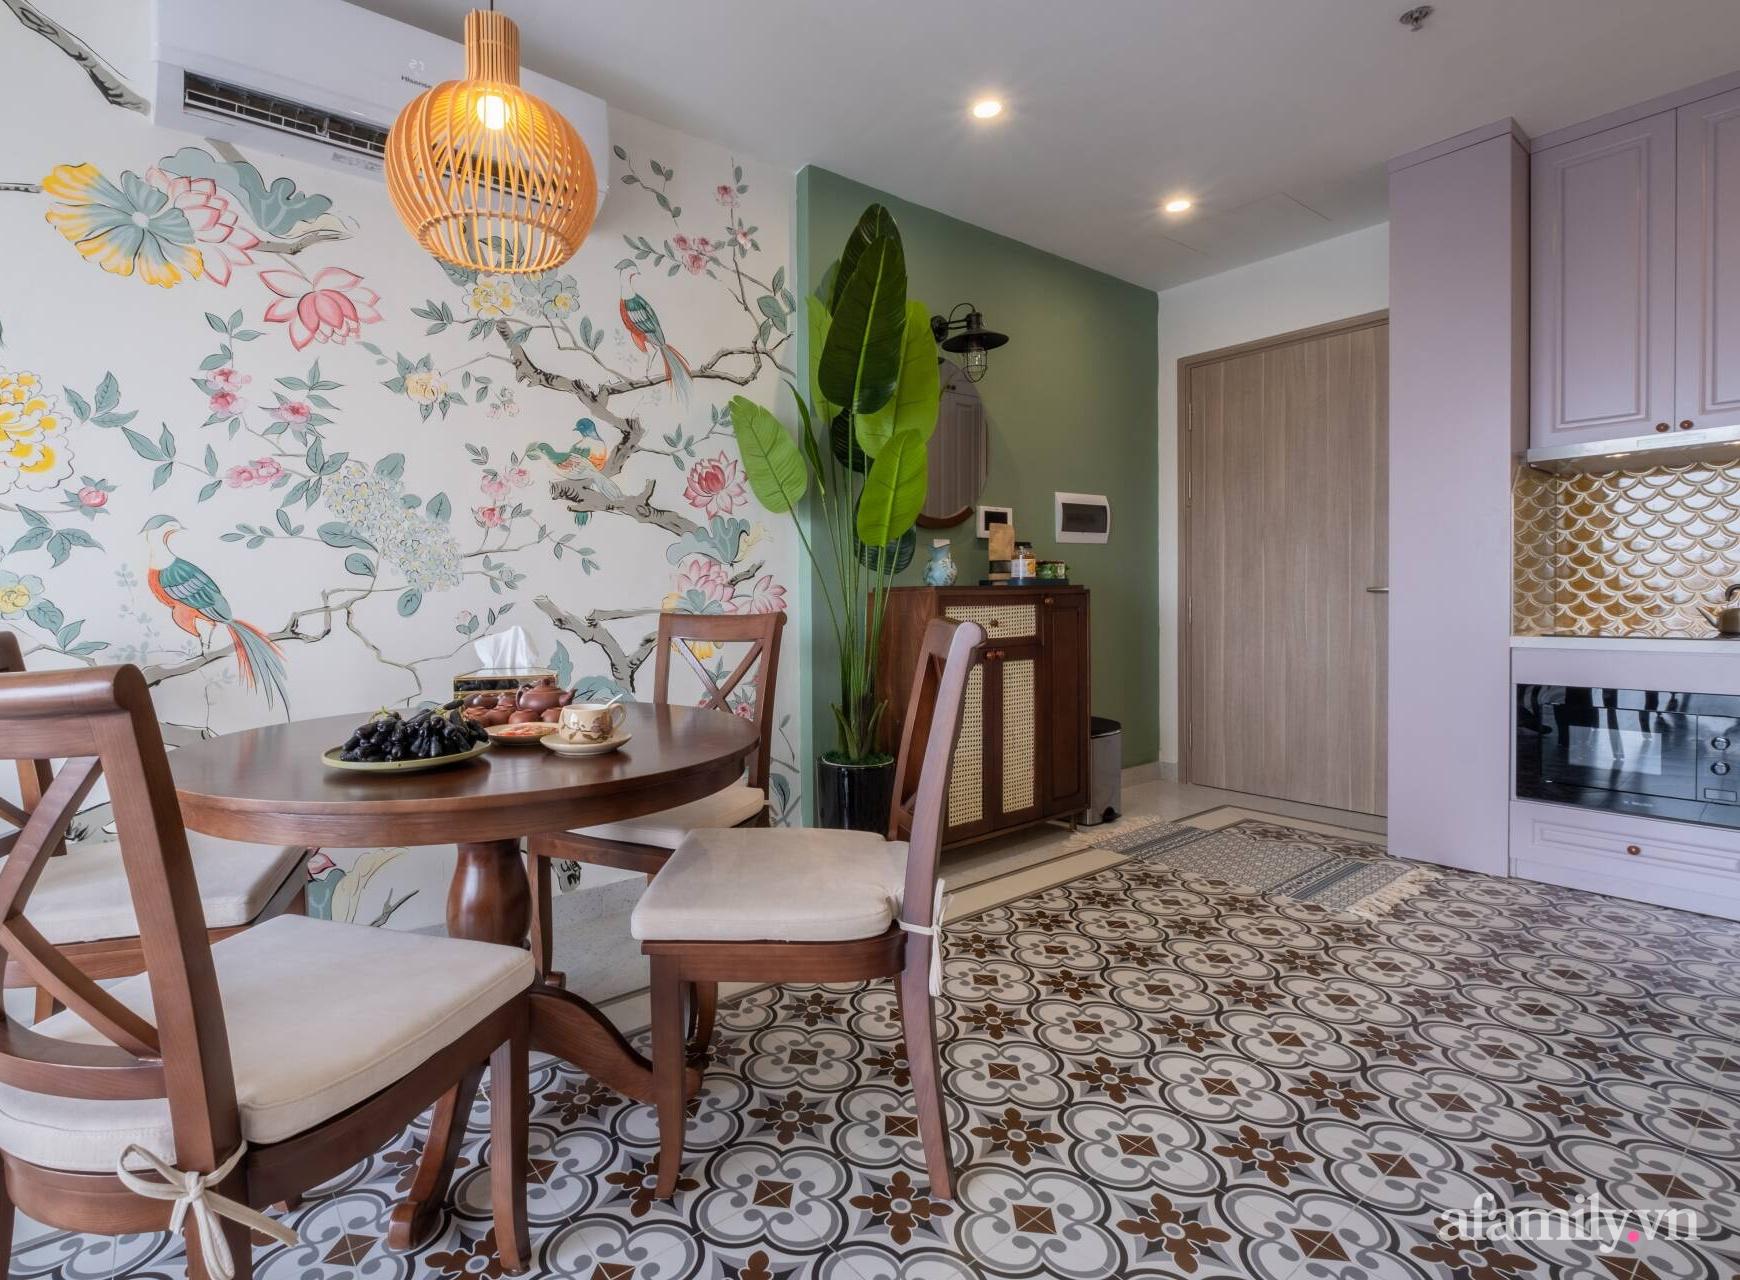 Căn hộ 3 phòng ngủ đẹp tinh tế với phong cách Indochine ở Vinhomes Ocean Park, Hà Nội - Ảnh 5.